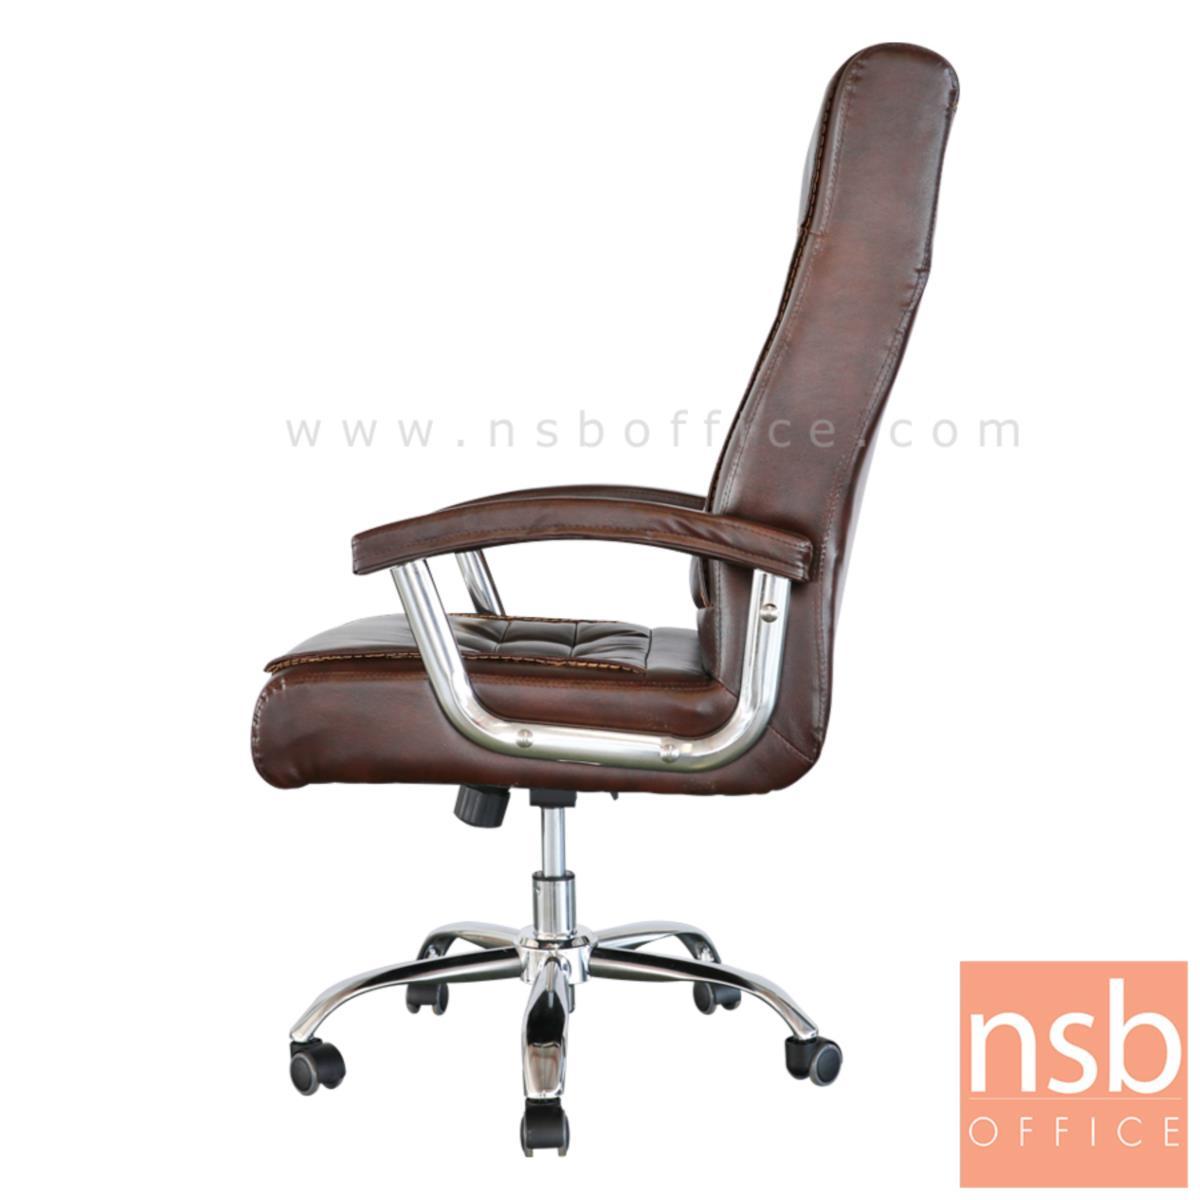 เก้าอี้ผู้บริหาร รุ่น Maglorix (แมคโลริค) ขาเหล็กชุบโครเมี่ยม